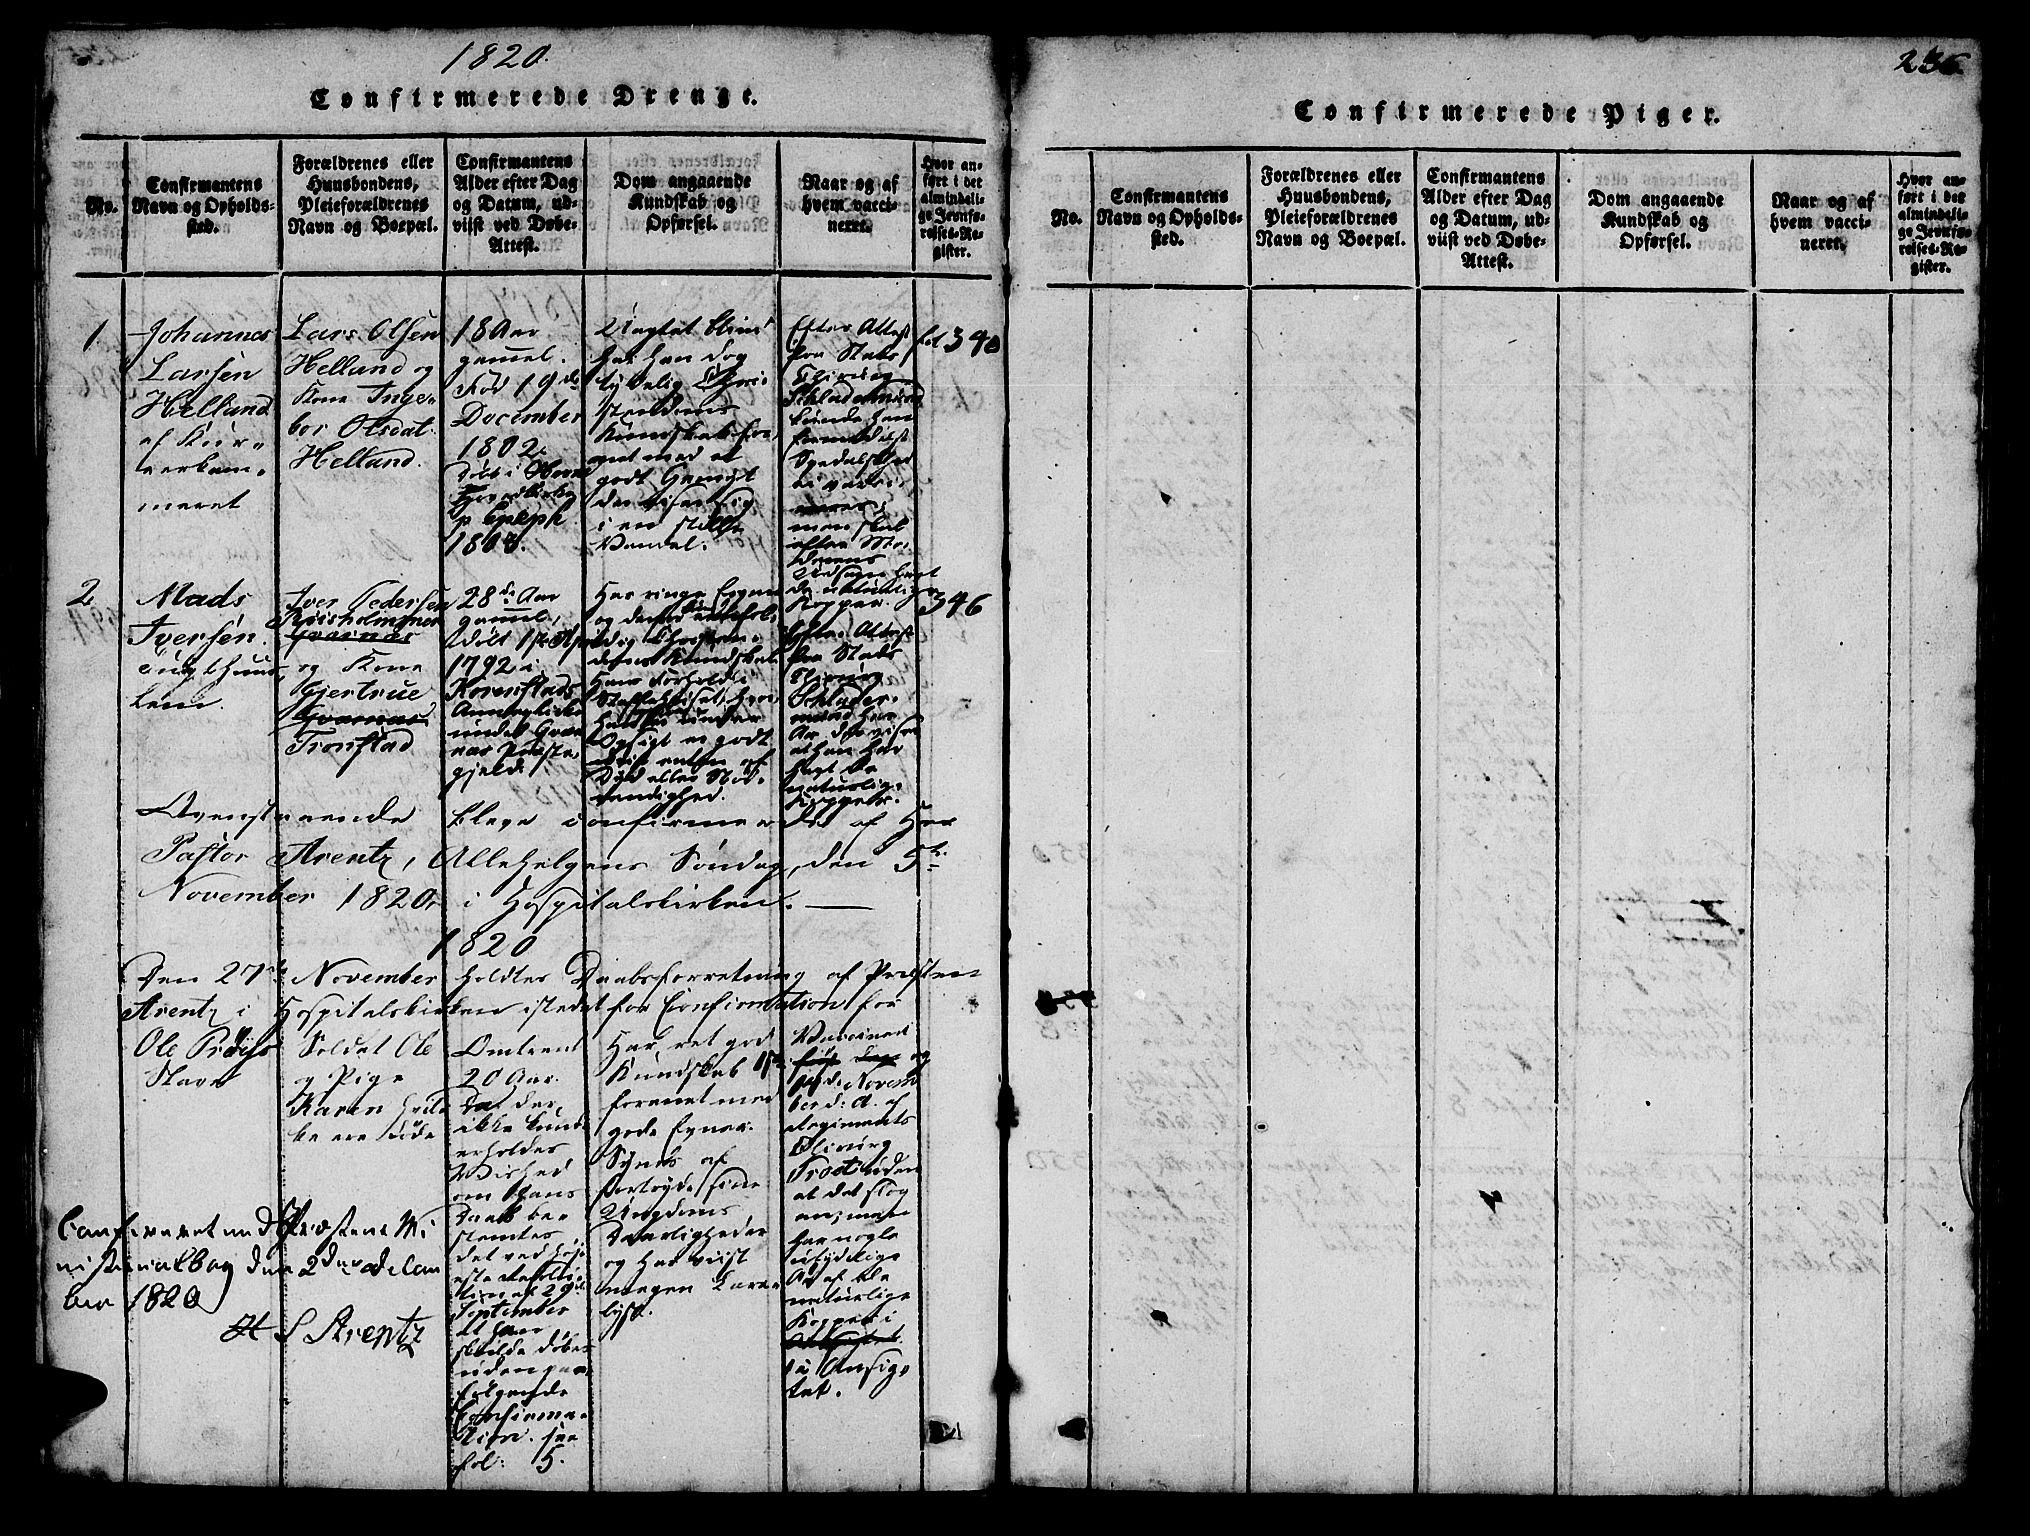 SAT, Ministerialprotokoller, klokkerbøker og fødselsregistre - Sør-Trøndelag, 623/L0478: Klokkerbok nr. 623C01, 1815-1873, s. 236